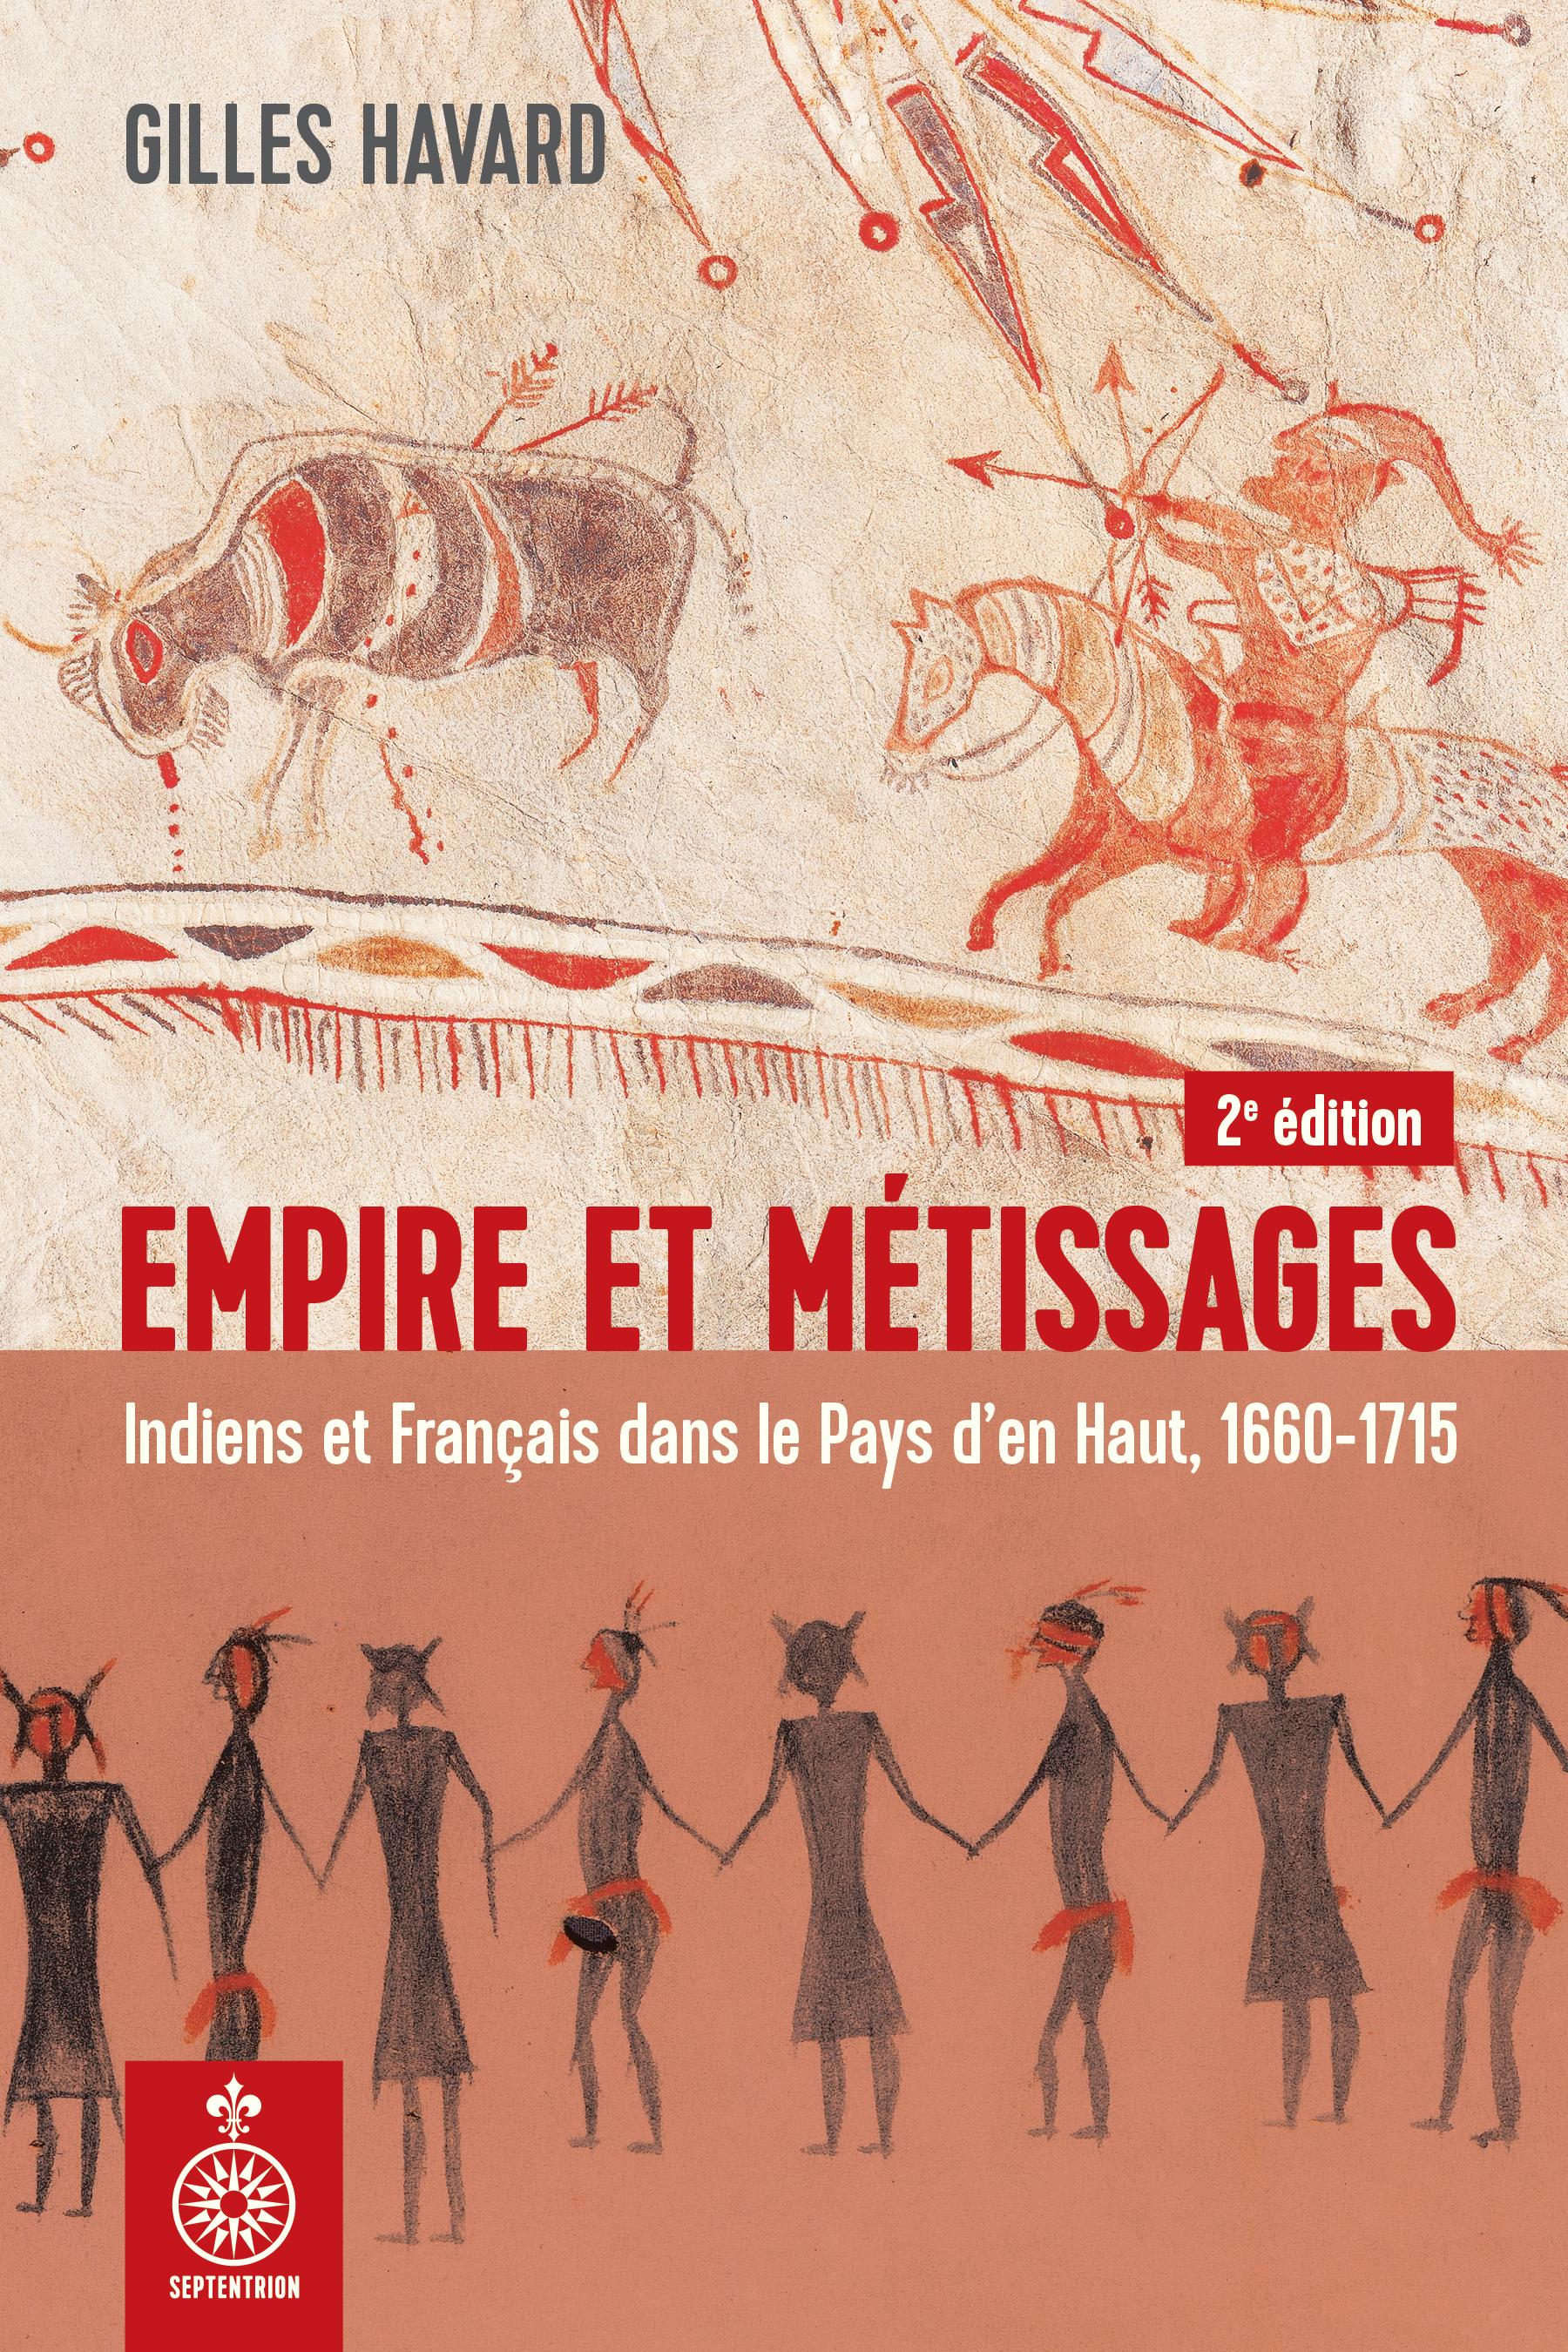 Empire et métissages, 2e édition